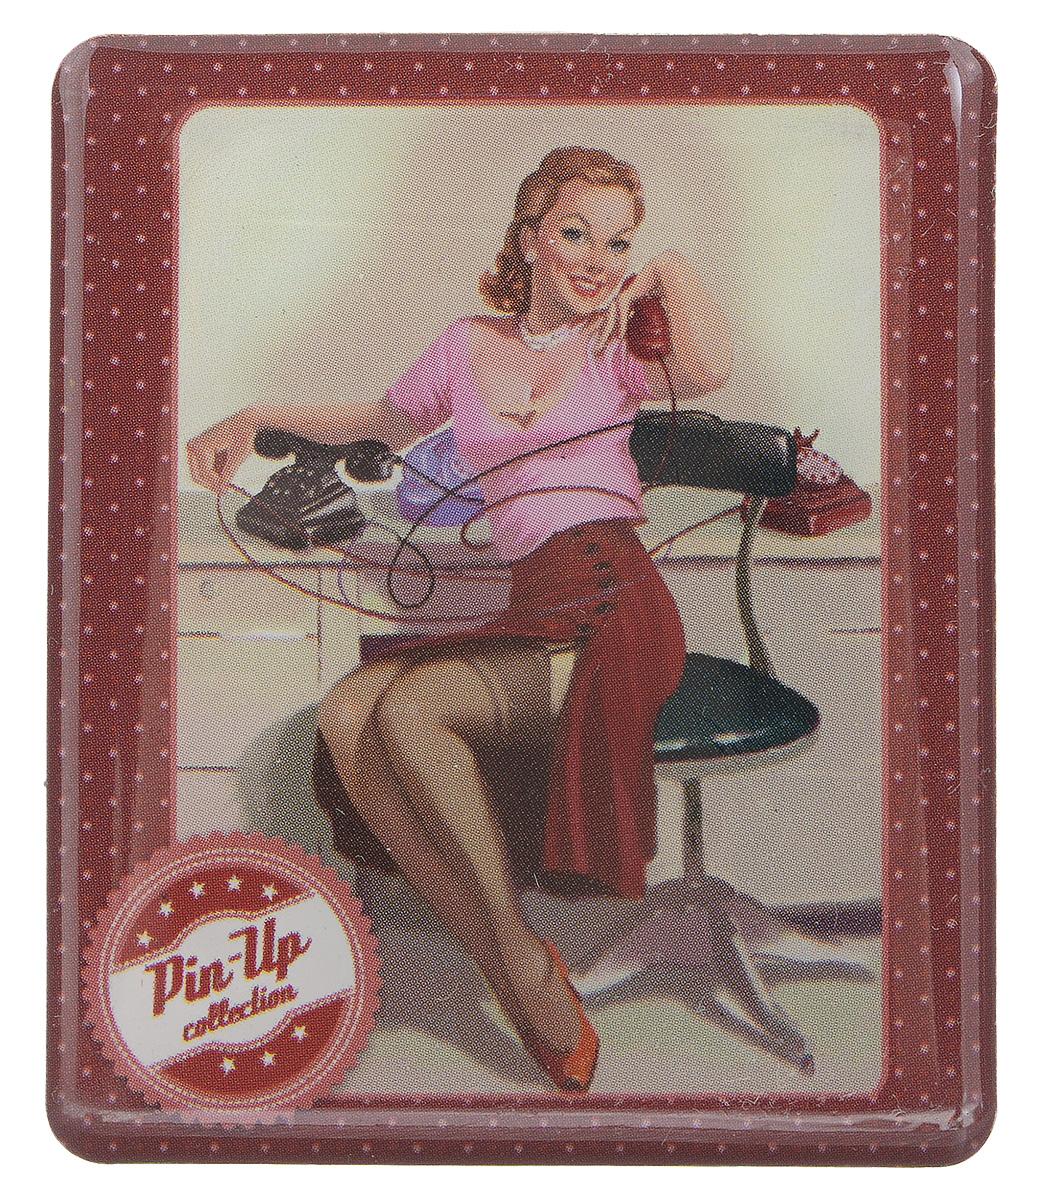 Магнит Феникс-презент Девушка пинап, 6 x 5 смБрелок для ключейМагнит прямоугольной формы Феникс-презент Девушка пинап, выполненный из агломерированного феррита, станет приятным штрихом в повседневной жизни. Оригинальный магнит, декорированный изображением девушки с телефоном, поможет вам украсить не только холодильник, но и любую другую магнитную поверхность. Материал: агломерированный феррит.